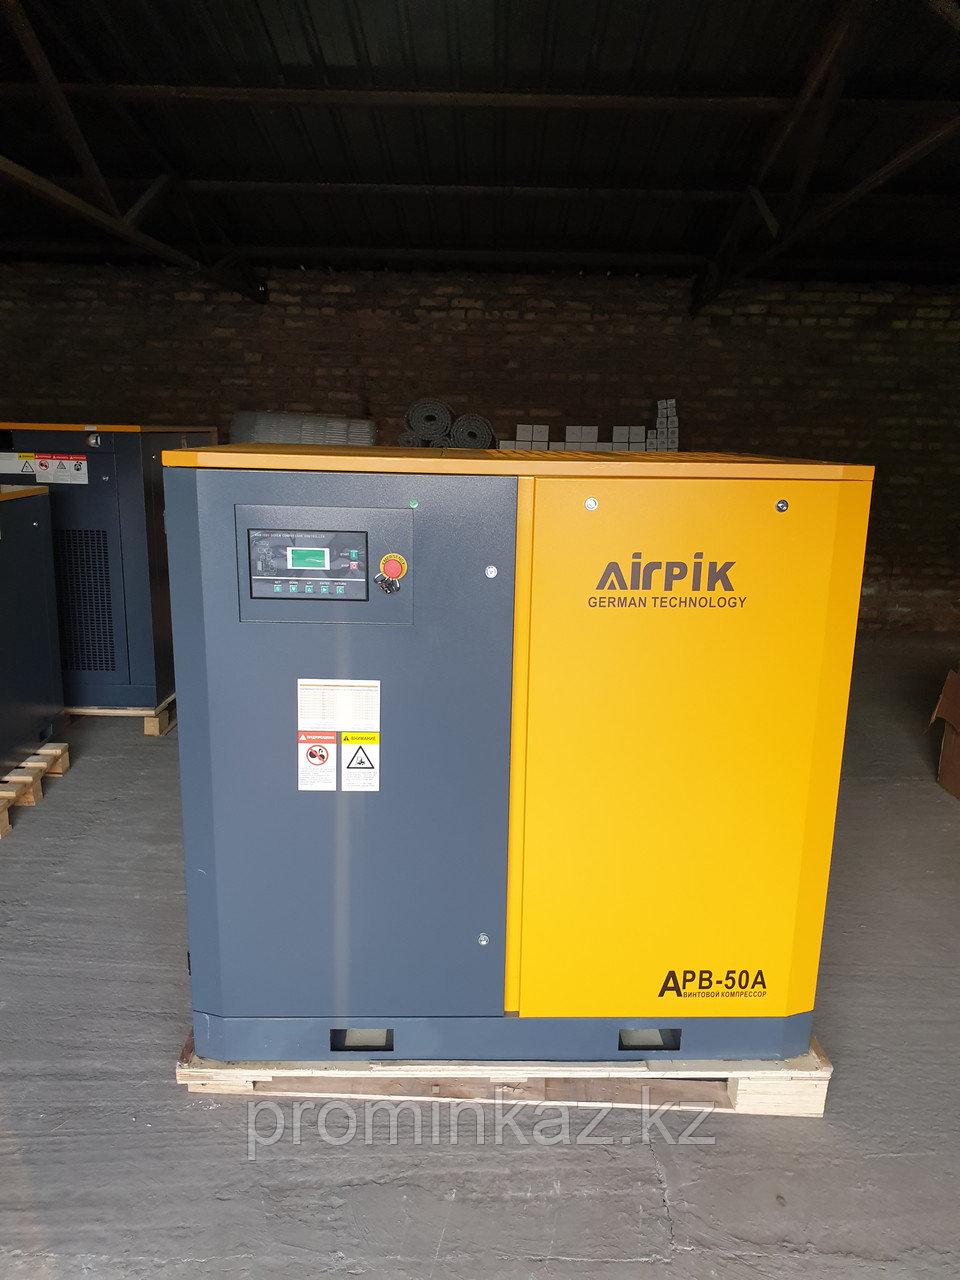 Компрессор APB-50A, -5,6 куб.м, 10бар, AirPIK